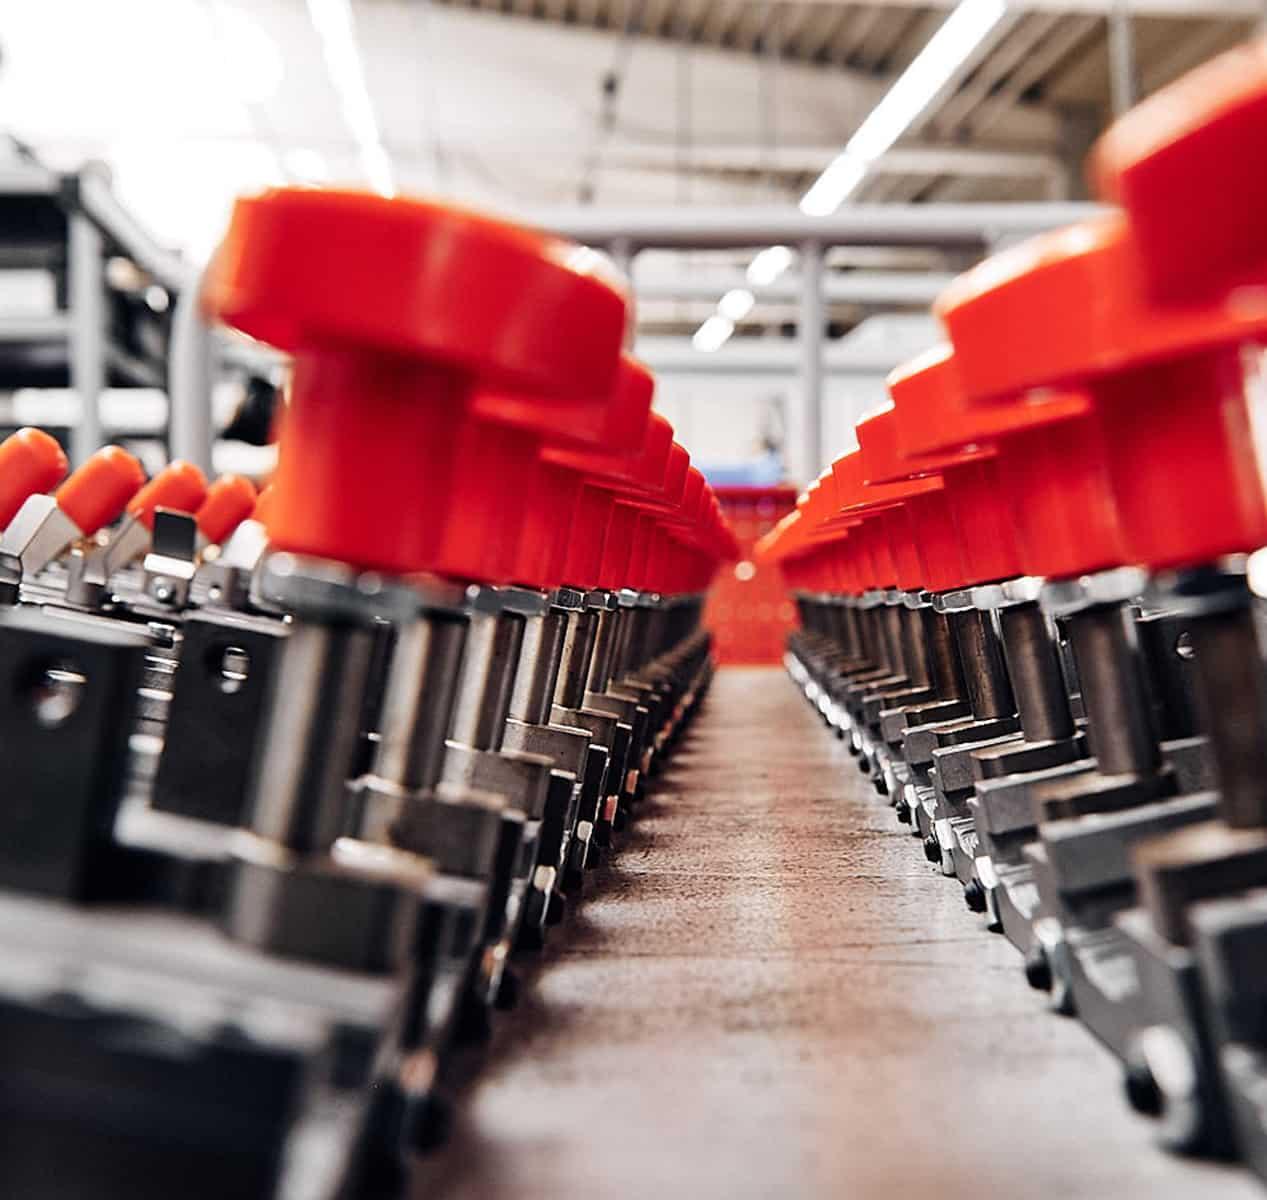 Hohner Maschinenteile in Reihe aufgestellt